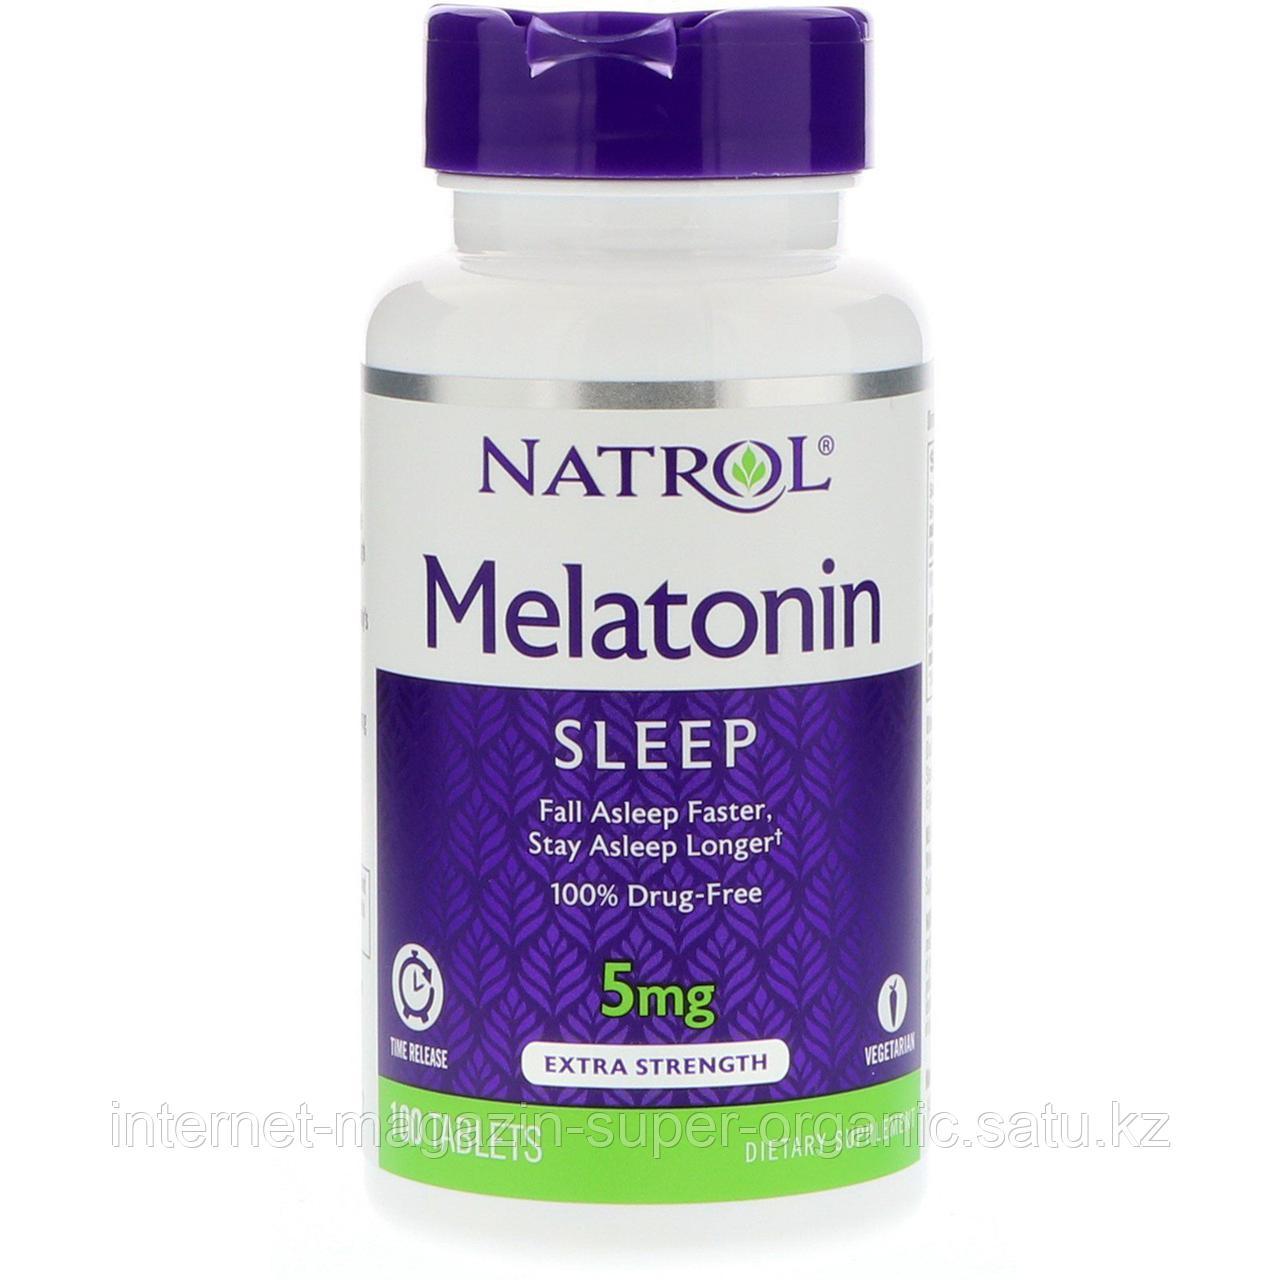 Мелатонин TR, быстрое высвобождение, 5 мг, 100 таблеток, Natrol